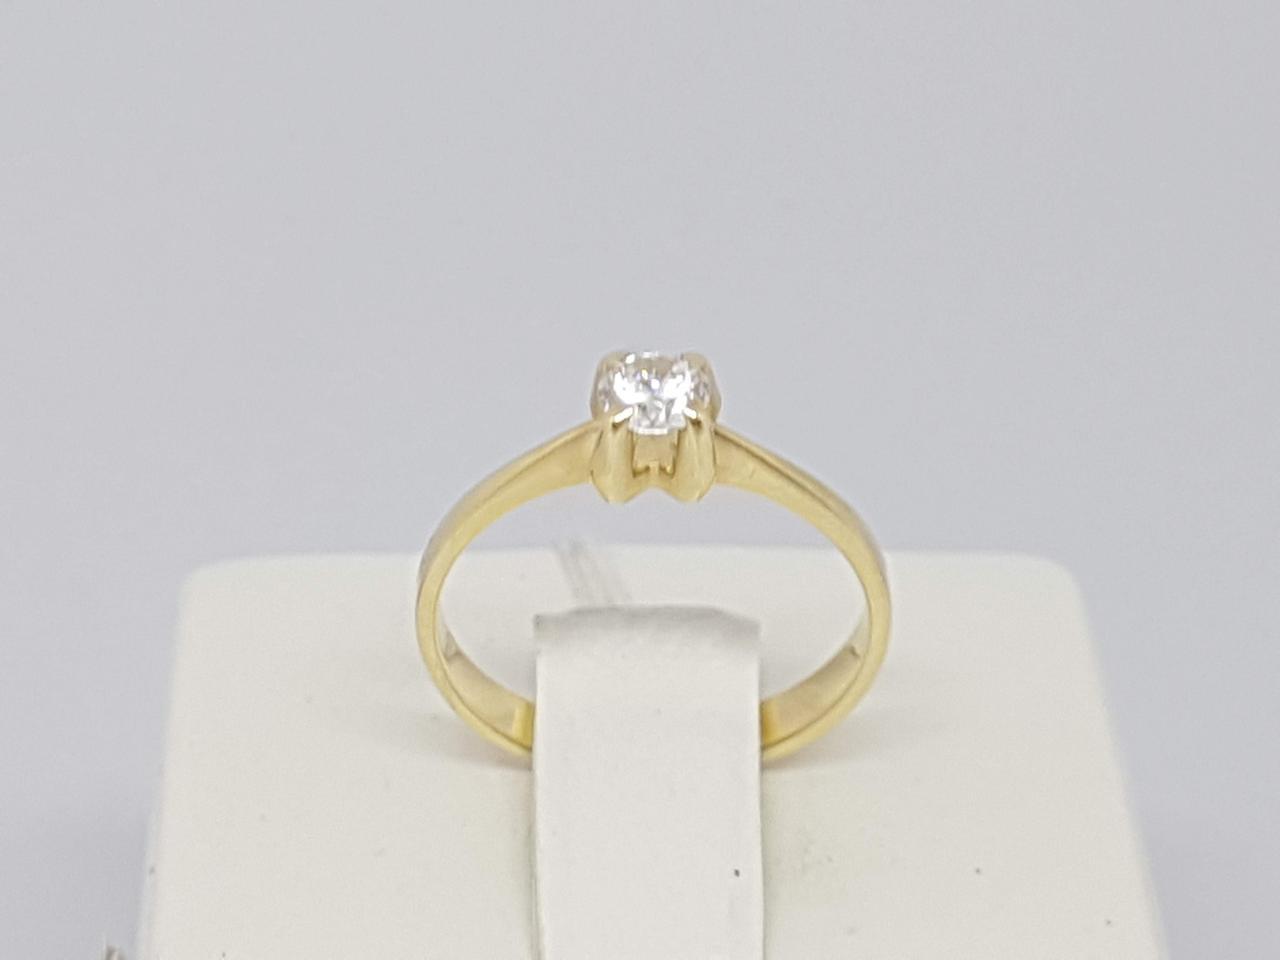 Золотое кольцо с фианитом. Артикул 140232Ж 16